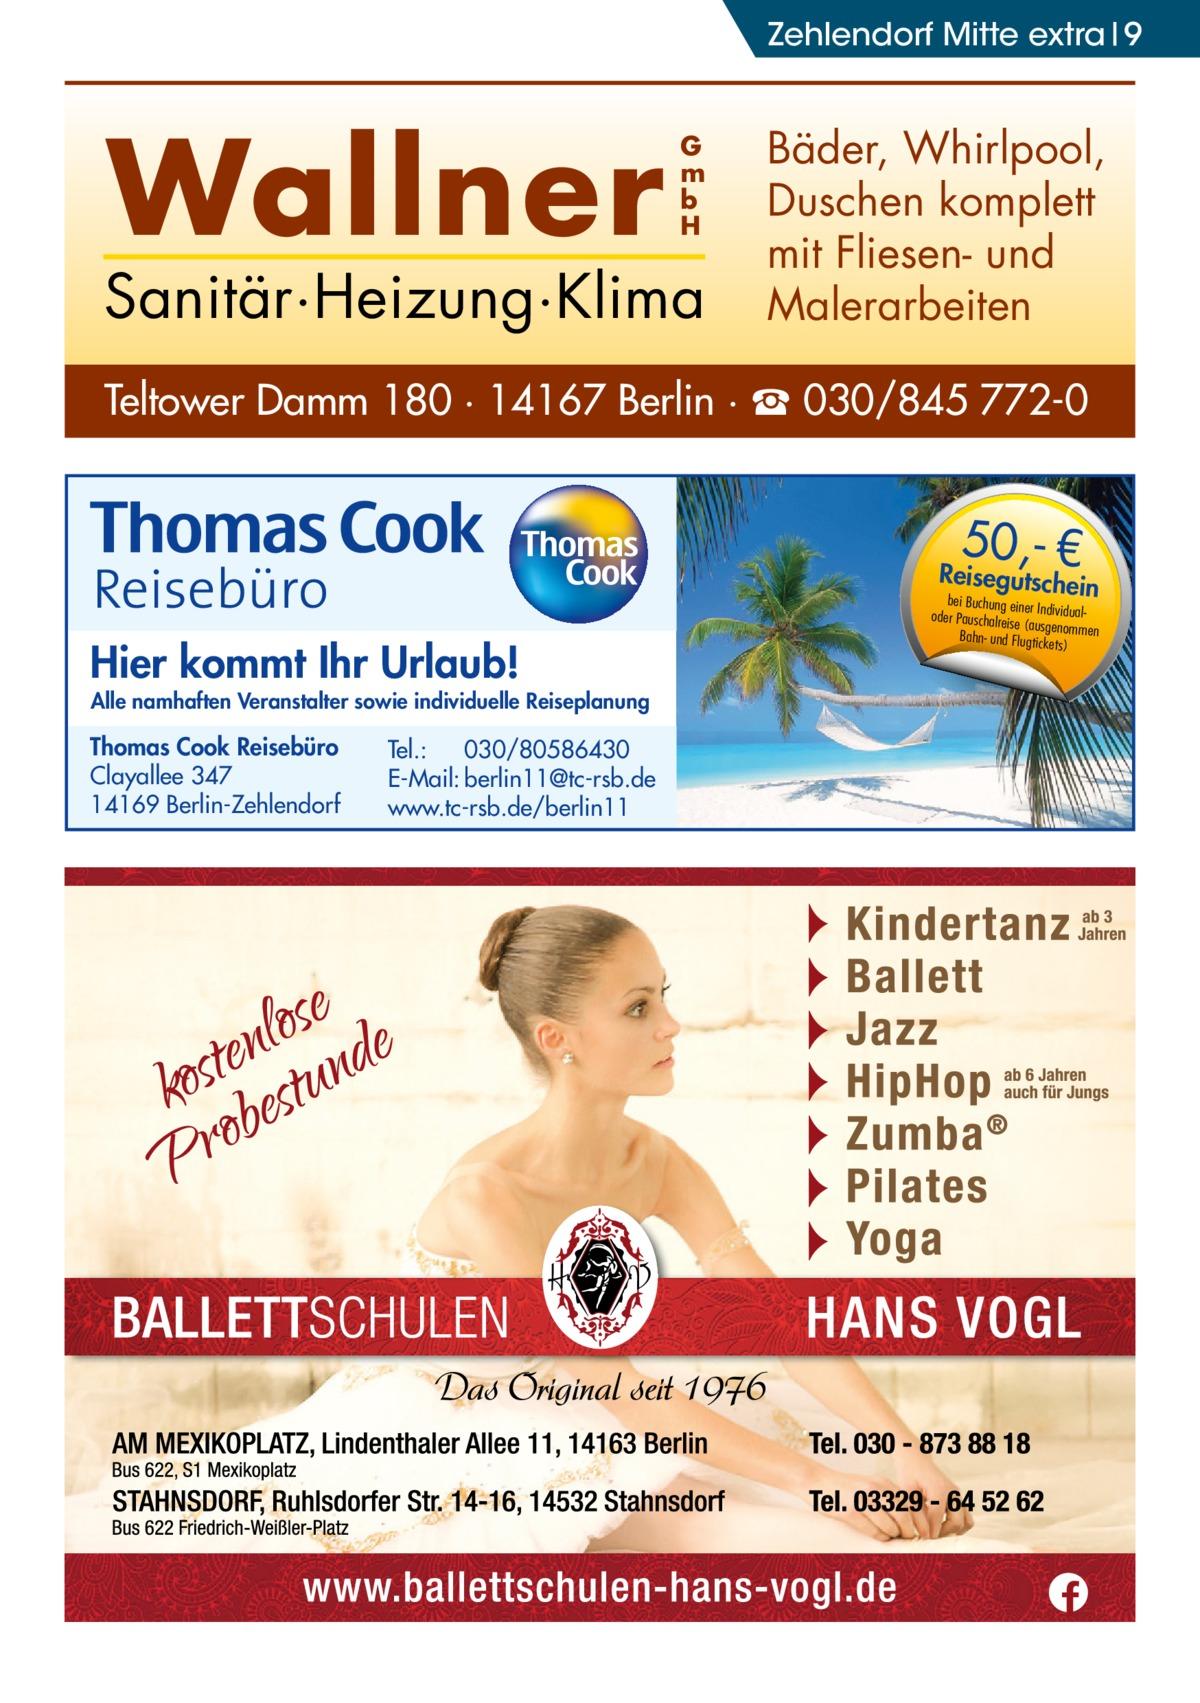 Zehlendorf Mitte extra 9  Wallner  G m b H  Sanitär·Heizung·Klima  Bäder, Whirlpool, Duschen komplett mit Fliesen- und Malerarbeiten  Teltower Damm 180 · 14167 Berlin · ☎ 030/845 772-0  50,- €  Reisegutsche  in  Hier kommt Ihr Urlaub!  Alle namhaften Veranstalter sowie individuelle Reiseplanung  Thomas Cook Reisebüro Clayallee 347 14169 Berlin-Zehlendorf  Tel.: 030/80586430 E-Mail: berlin11@tc-rsb.de www.tc-rsb.de/berlin11  bei Buchung eine r Individualoder Pauschalreis e (ausgenommen Bahn- und Flugtick ets)